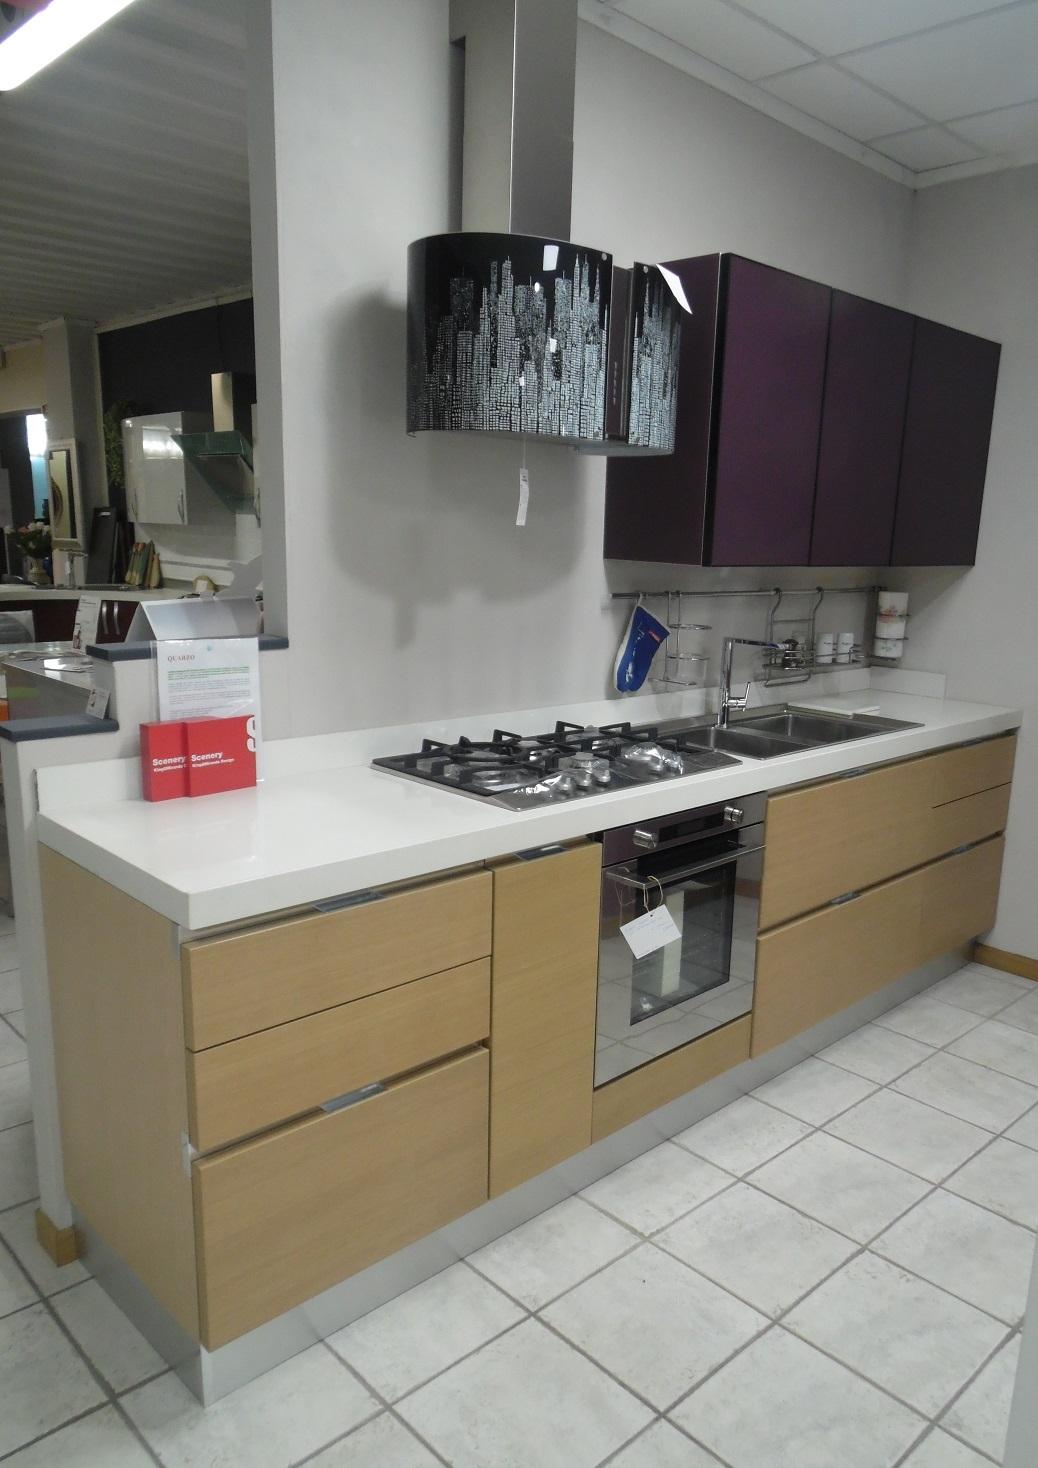 Cucina con penisola centrale simple with cucina con - Preventivo cucina scavolini ...